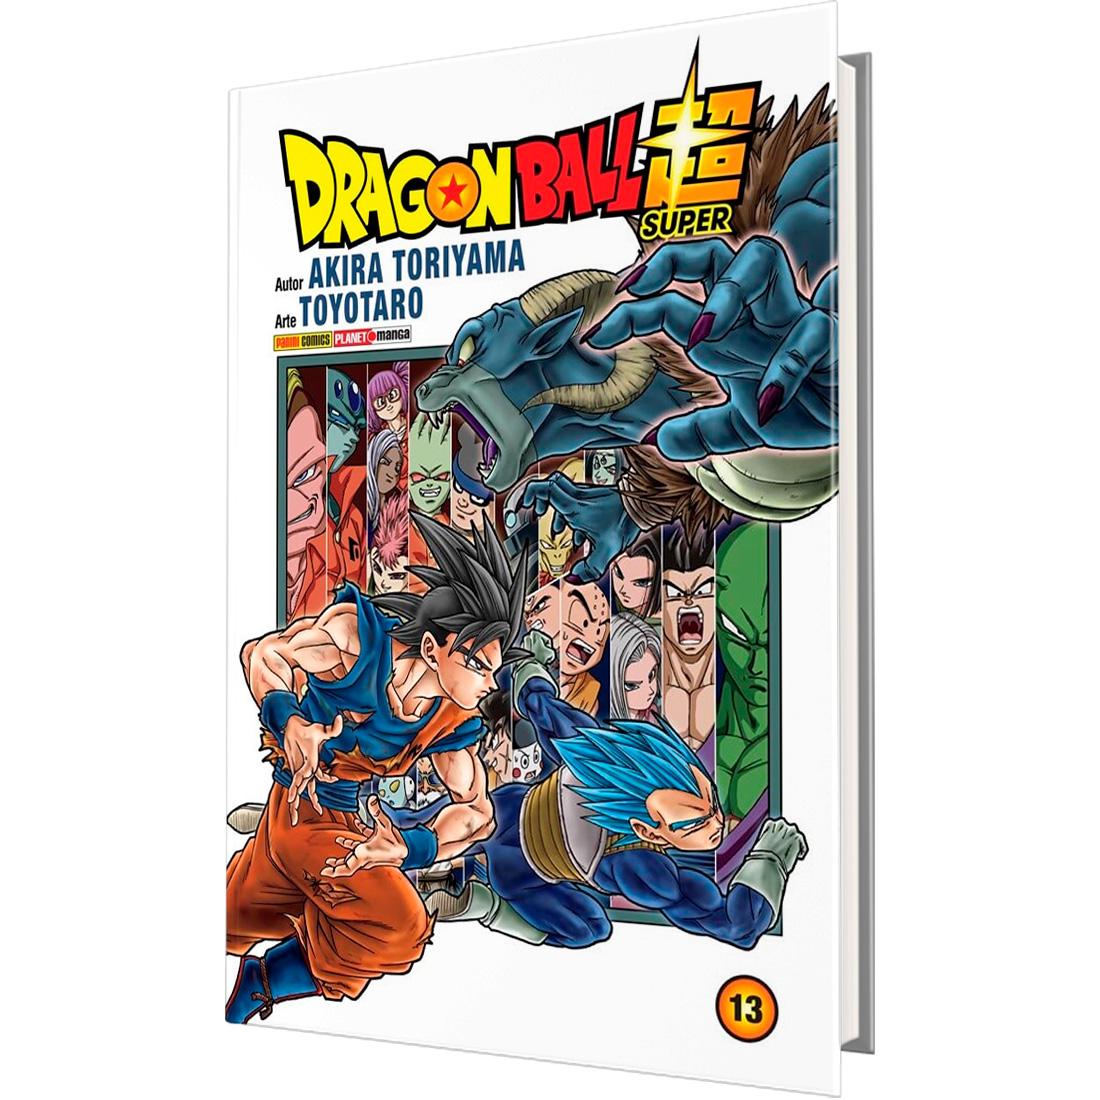 Dragon Ball Super Vol. 13